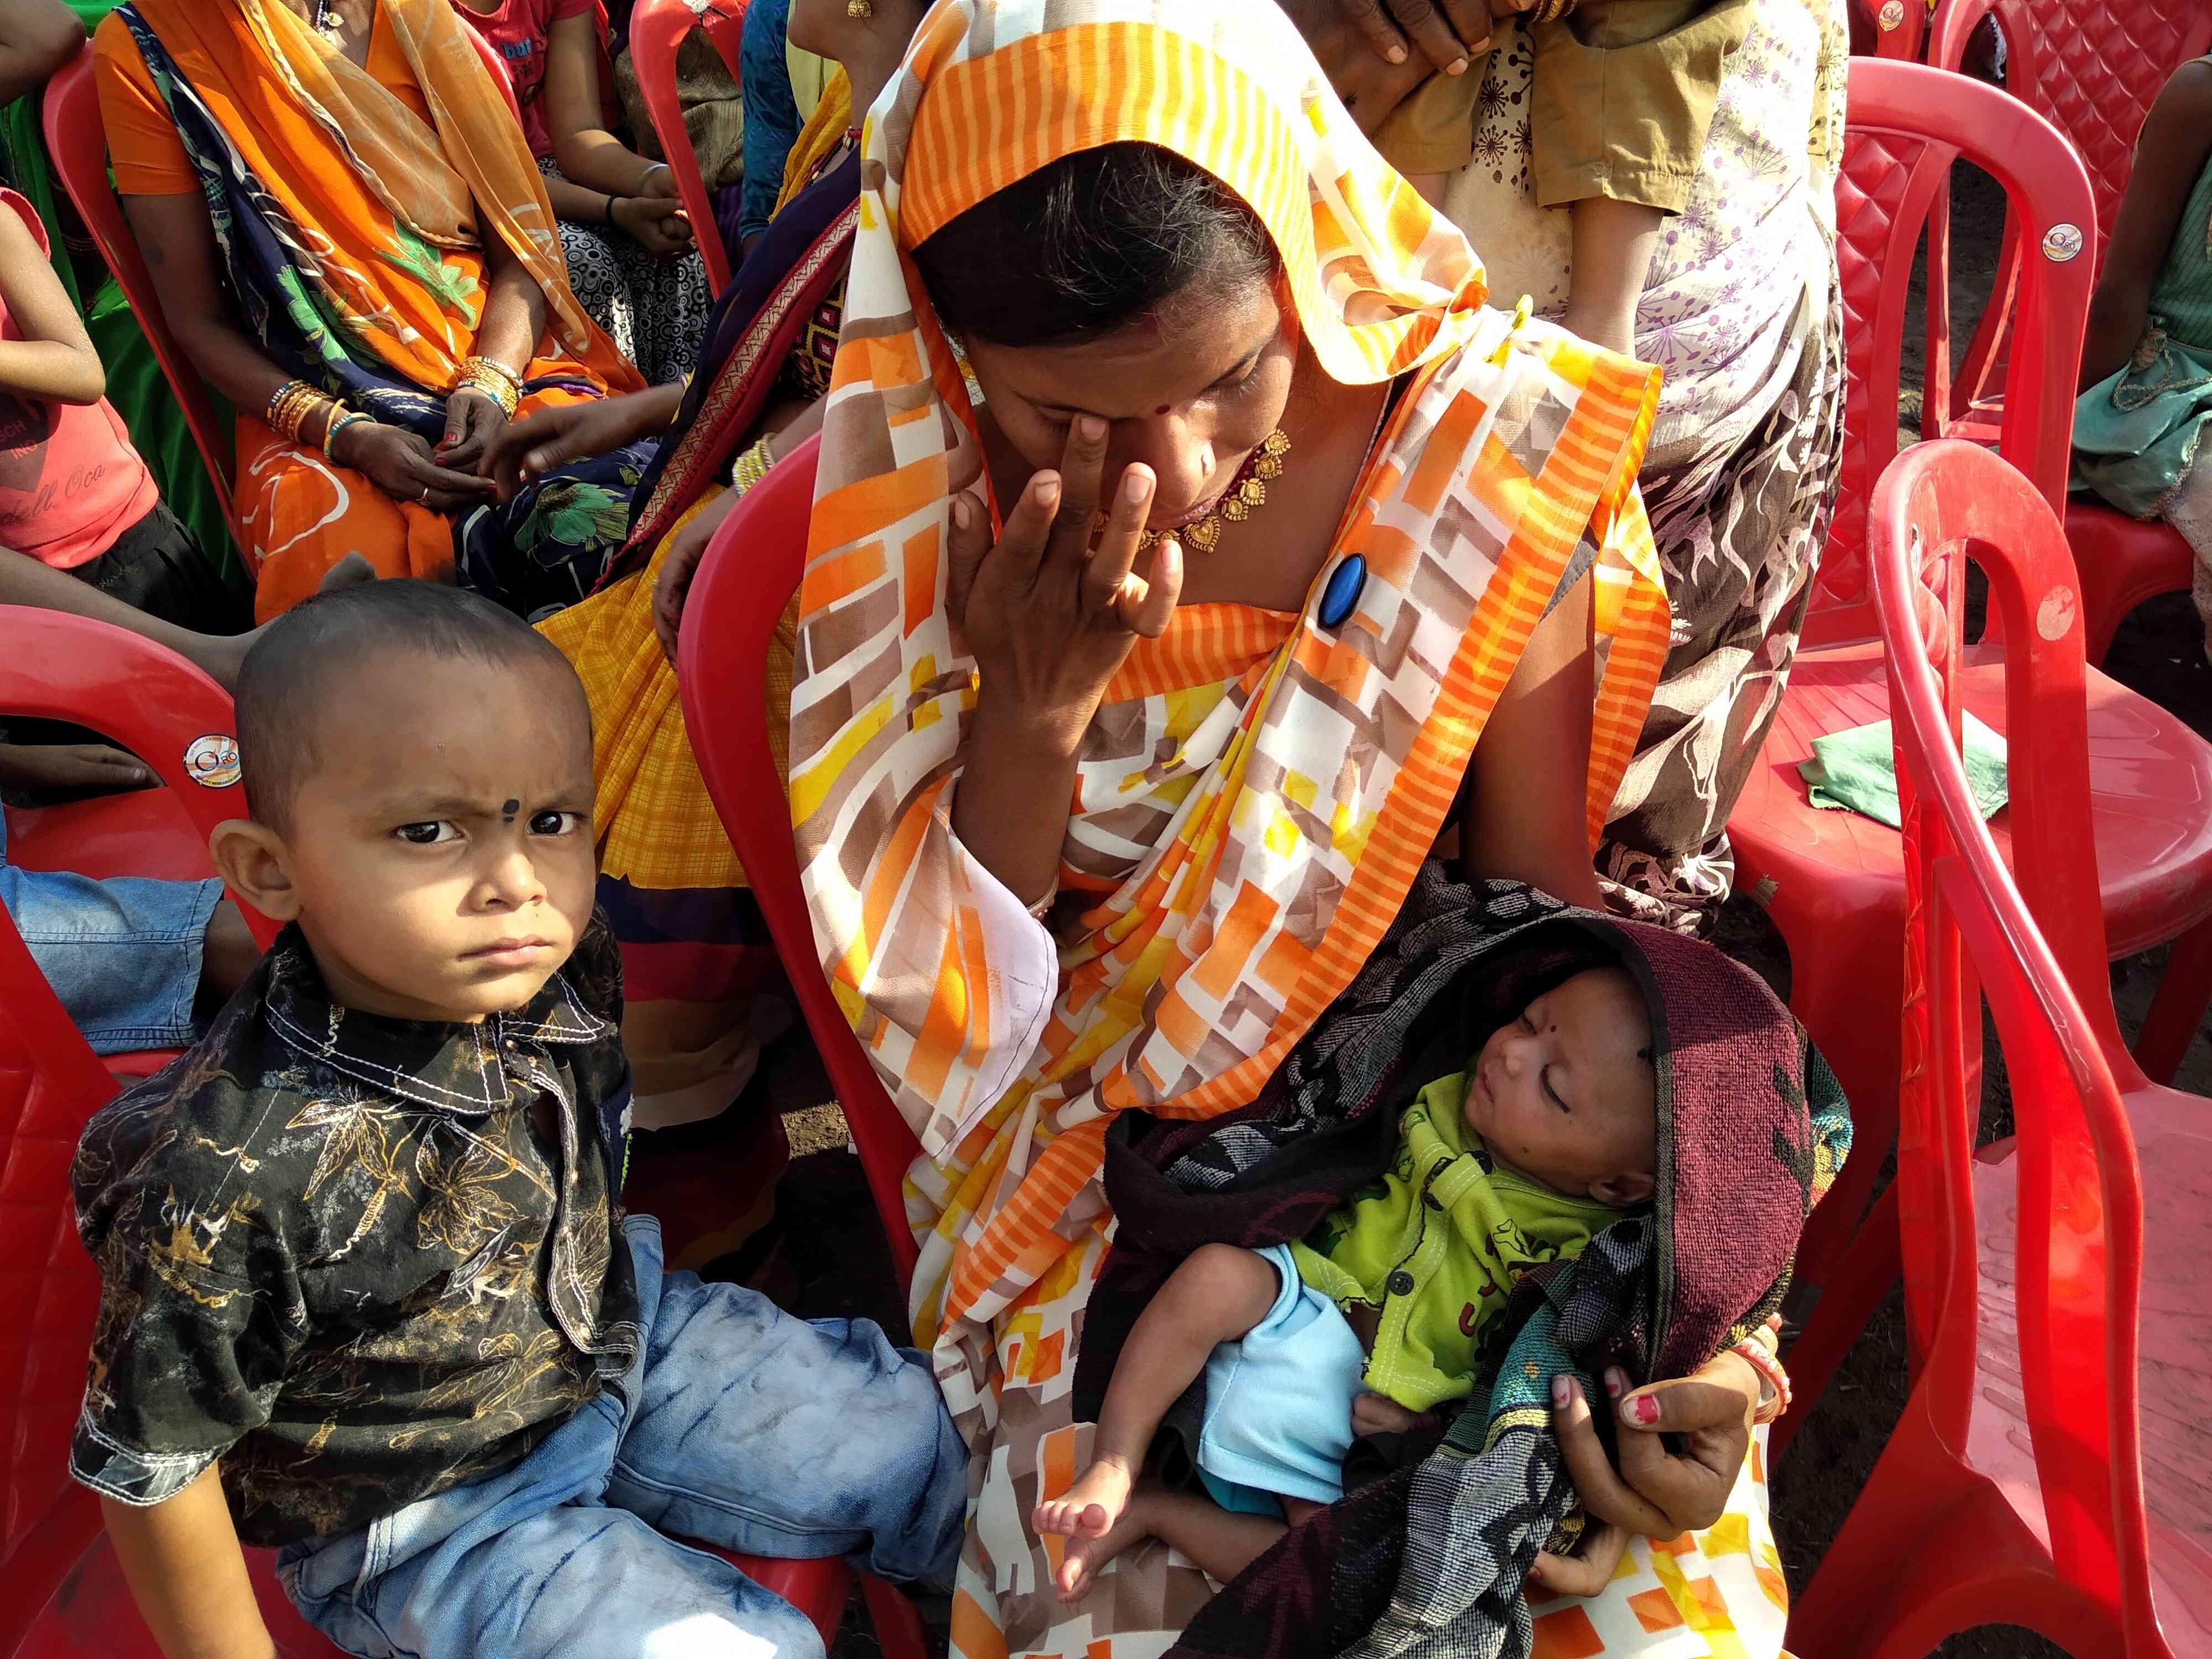 सभा स्थल पर अपने एक महीने के बच्चे के साथ धनेश्वरी पंडित